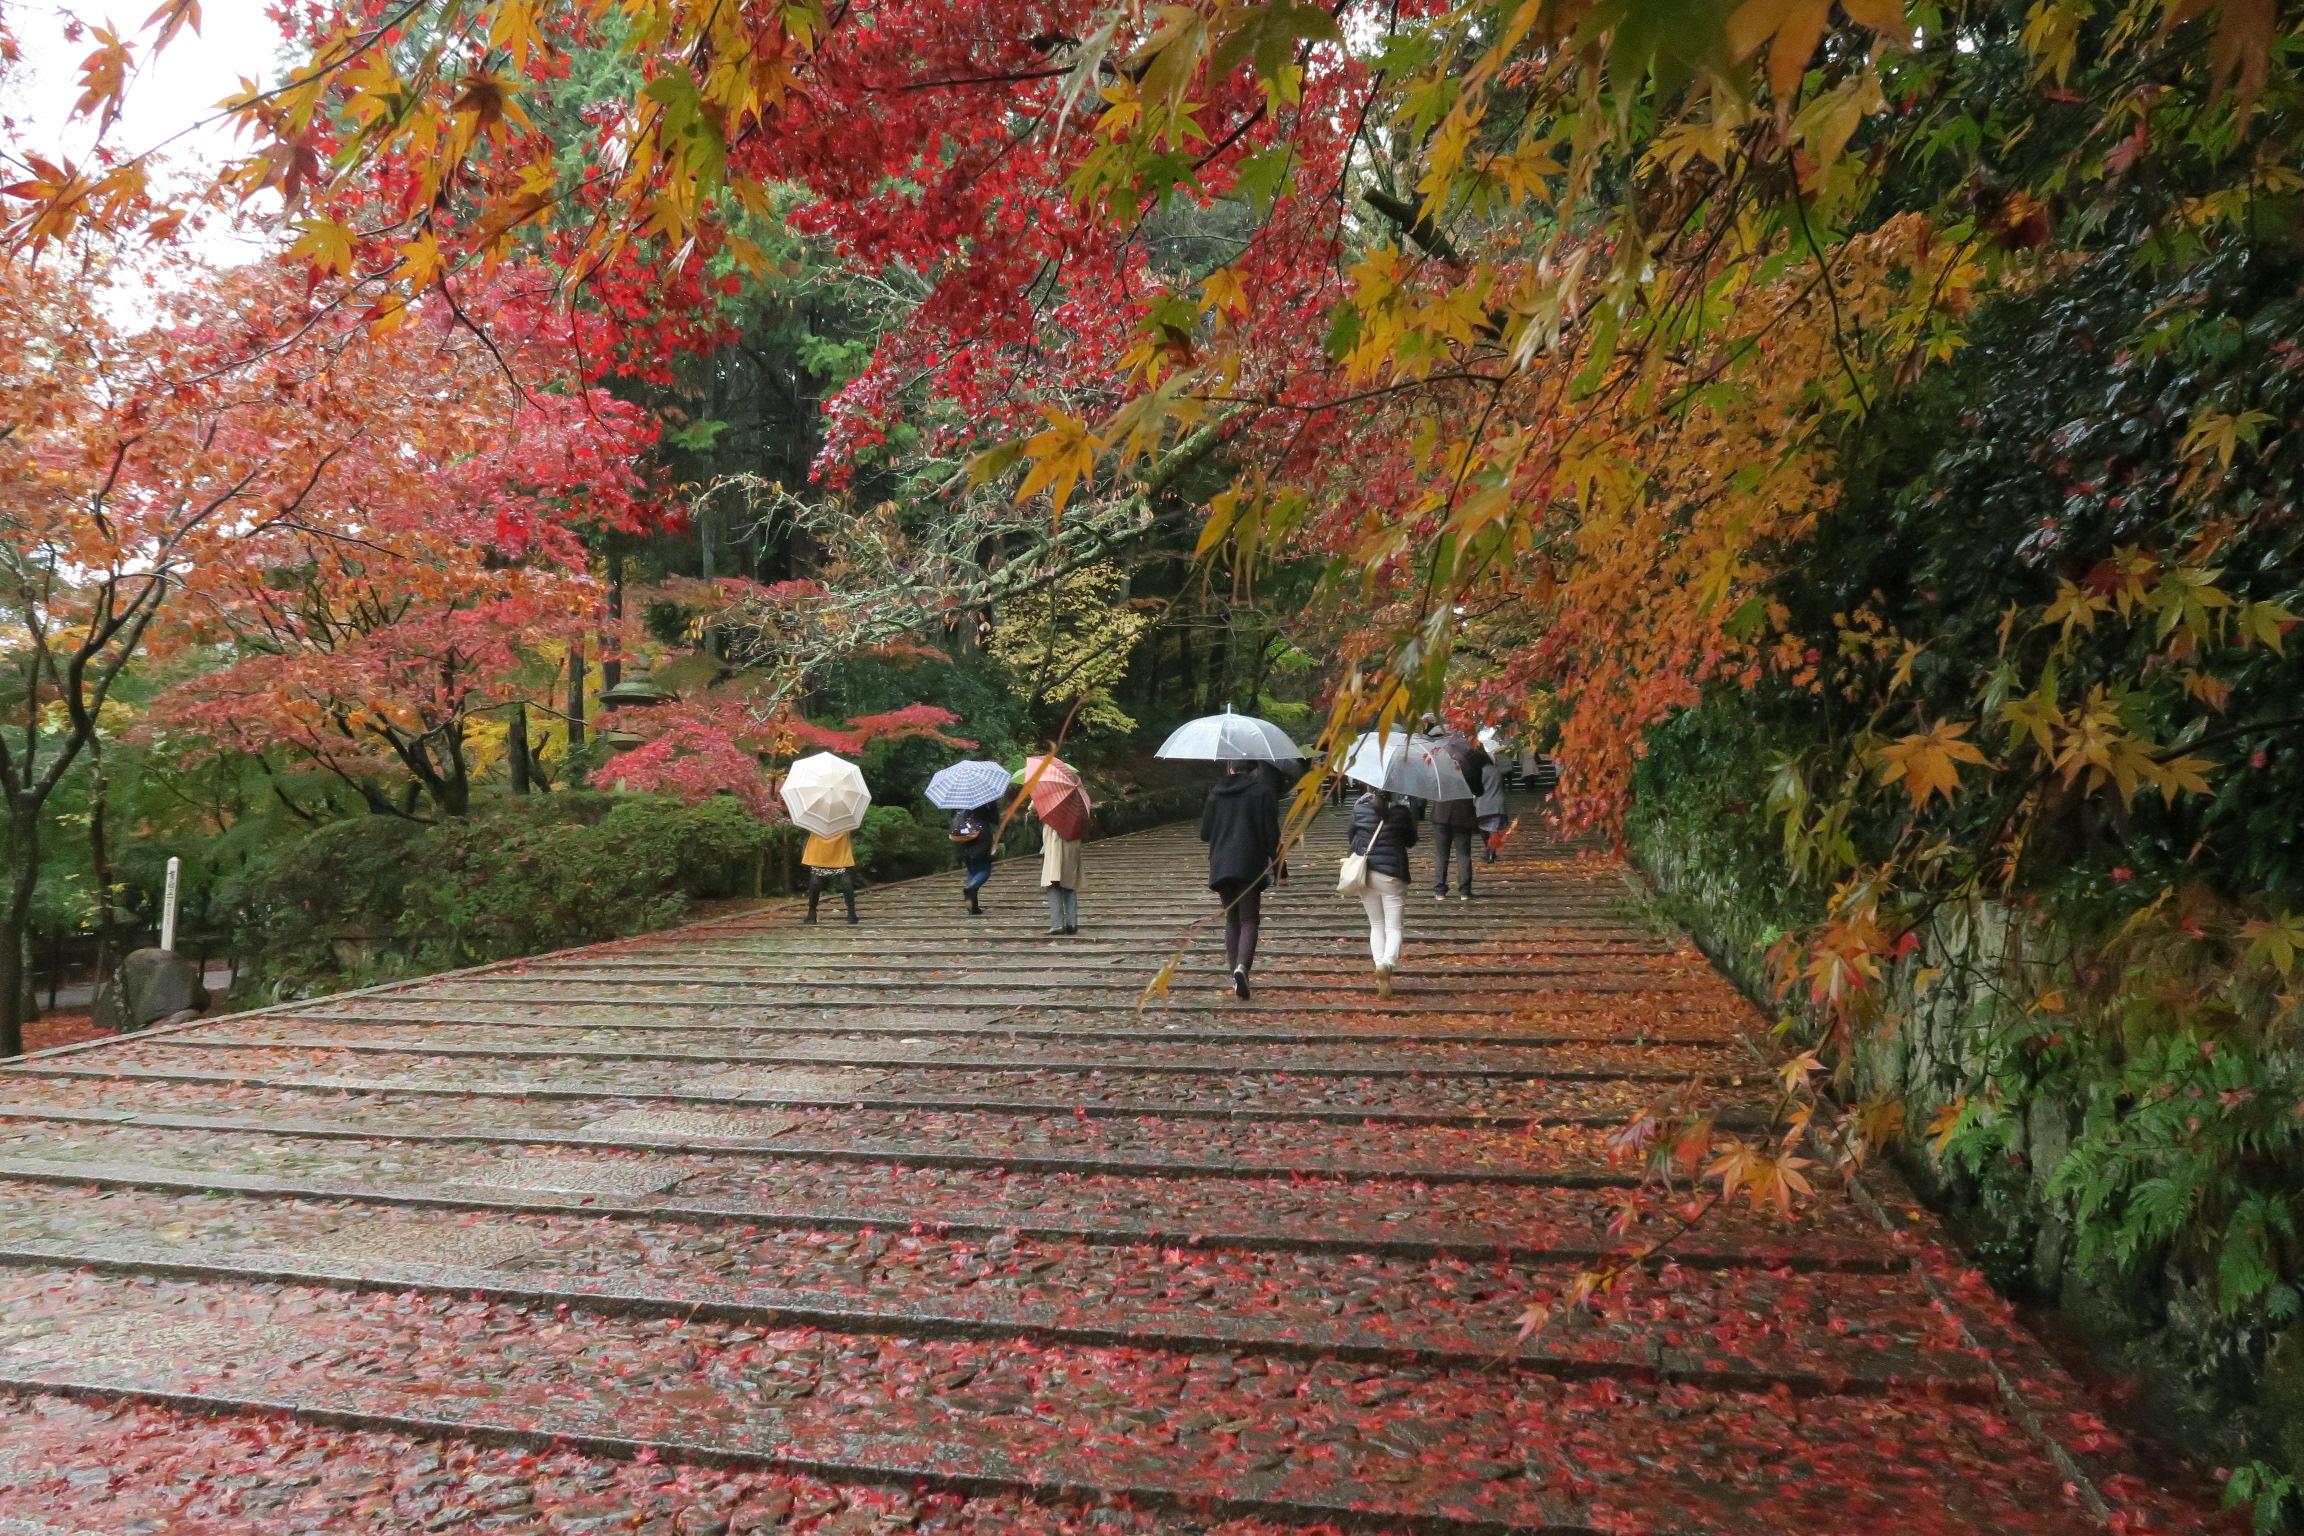 多くの人が訪れているため、表参道(女人坂)の葉はつぶれています(苦笑)